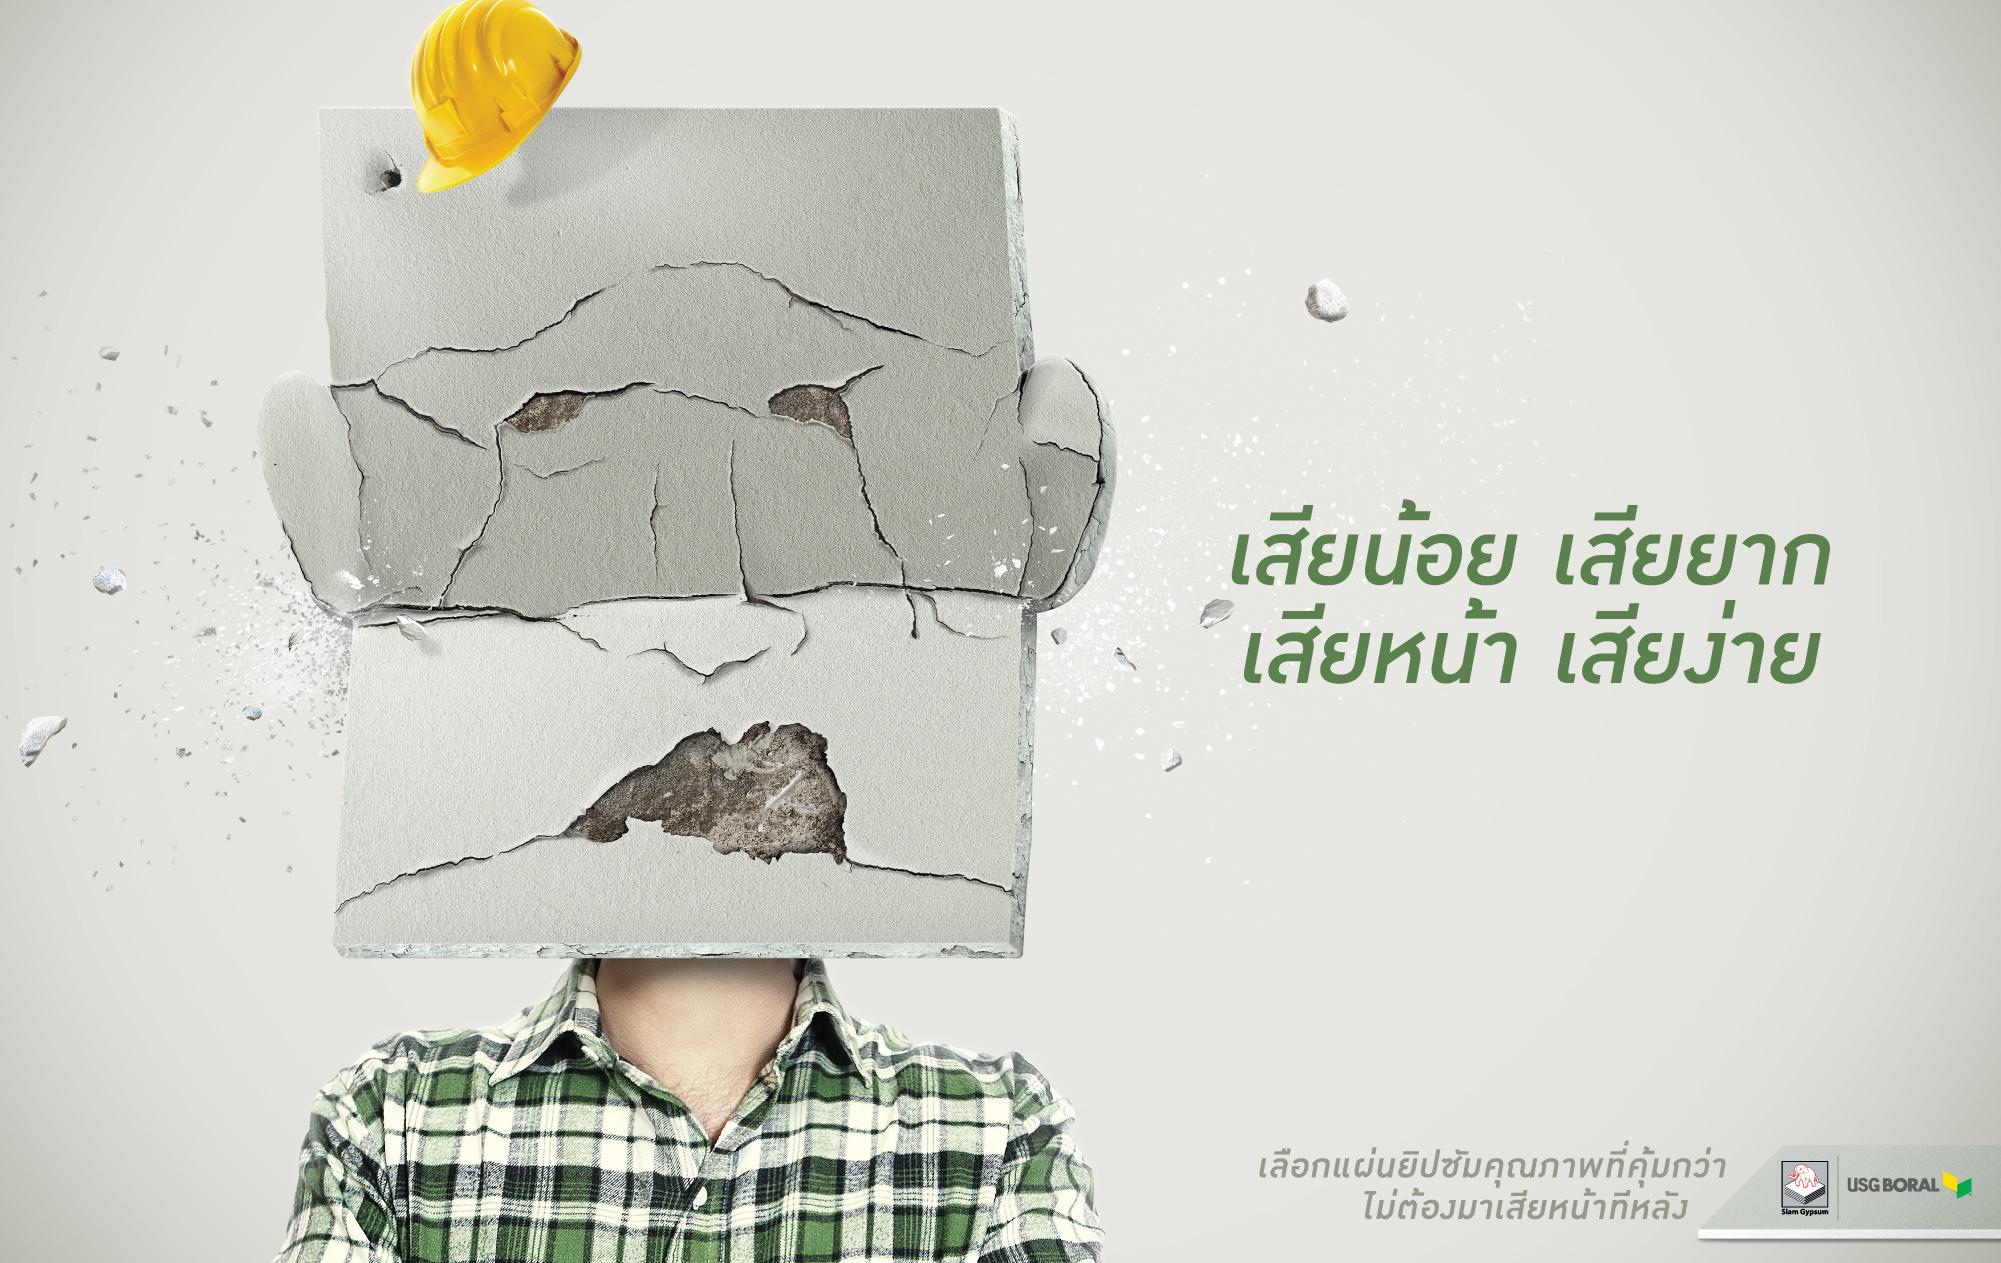 Siam Gypsum